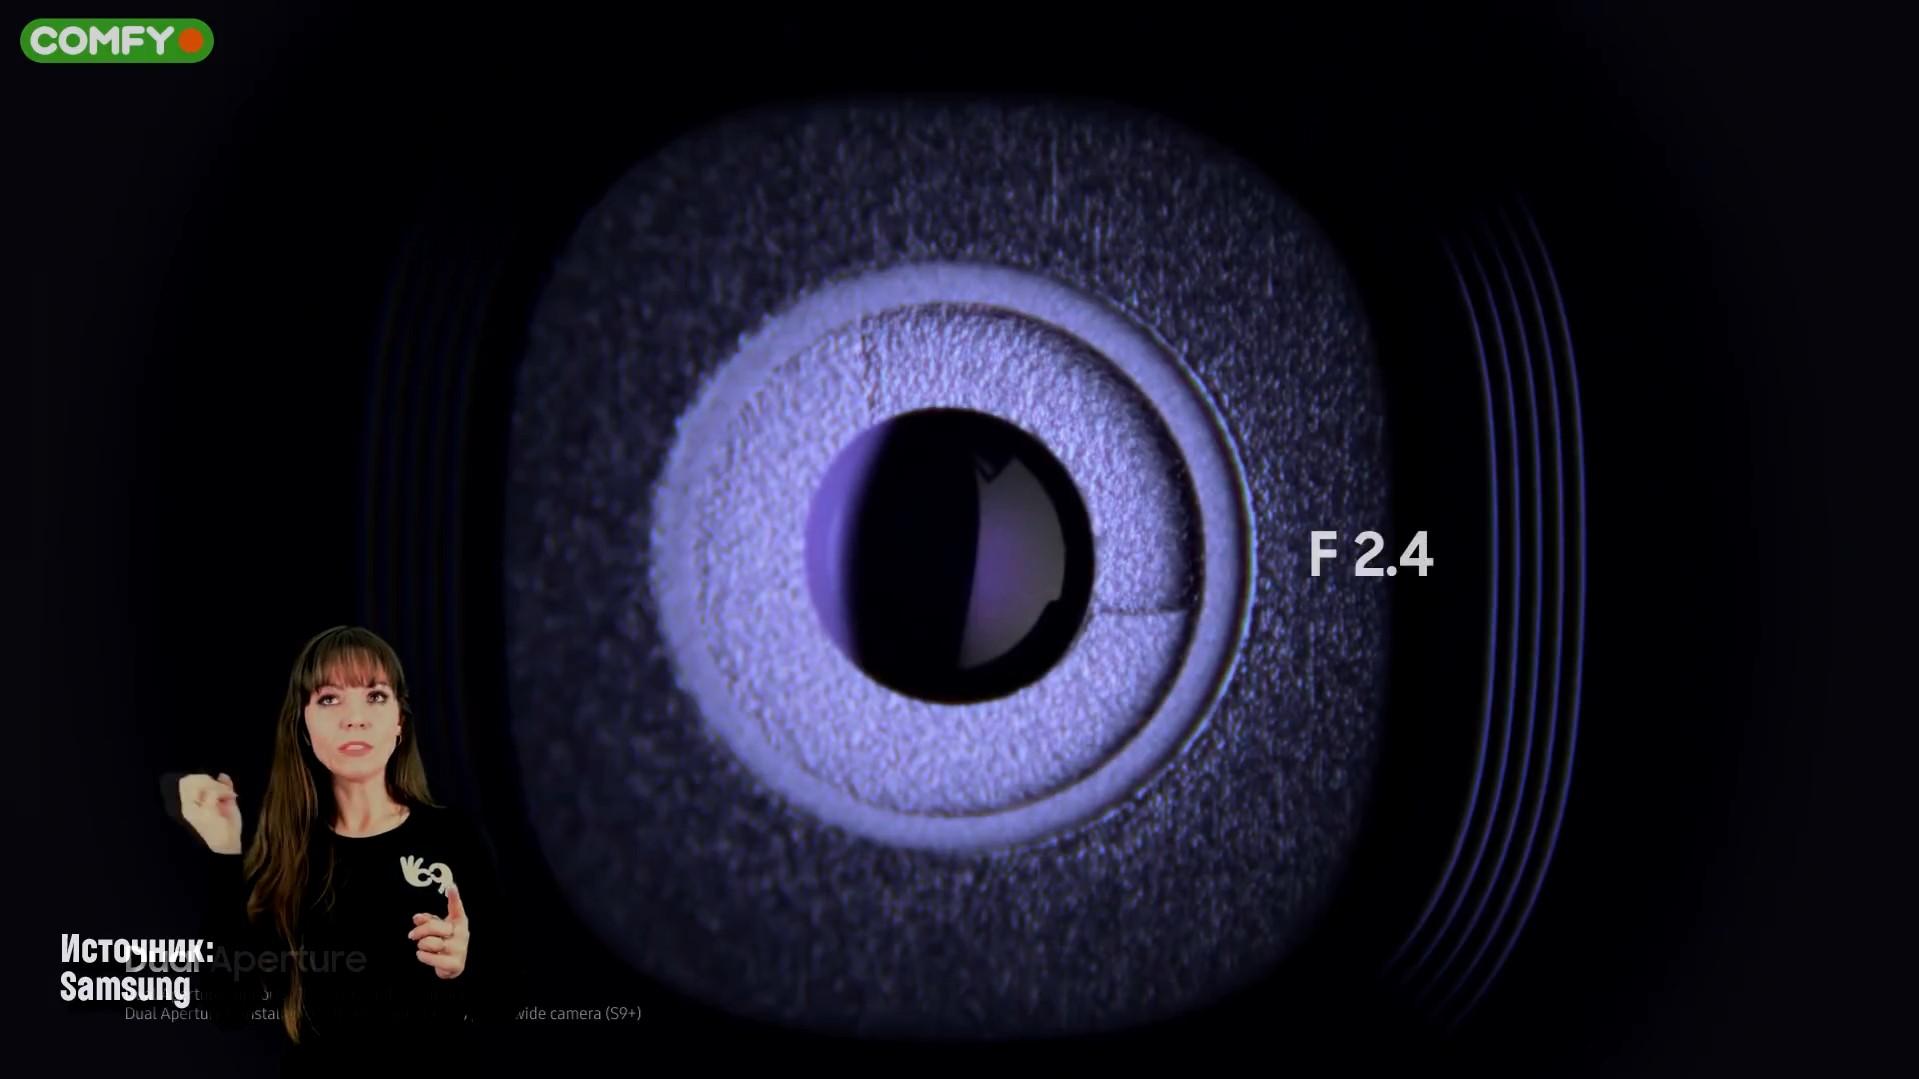 Смартфон изнутри Камера. Часть первая 6б